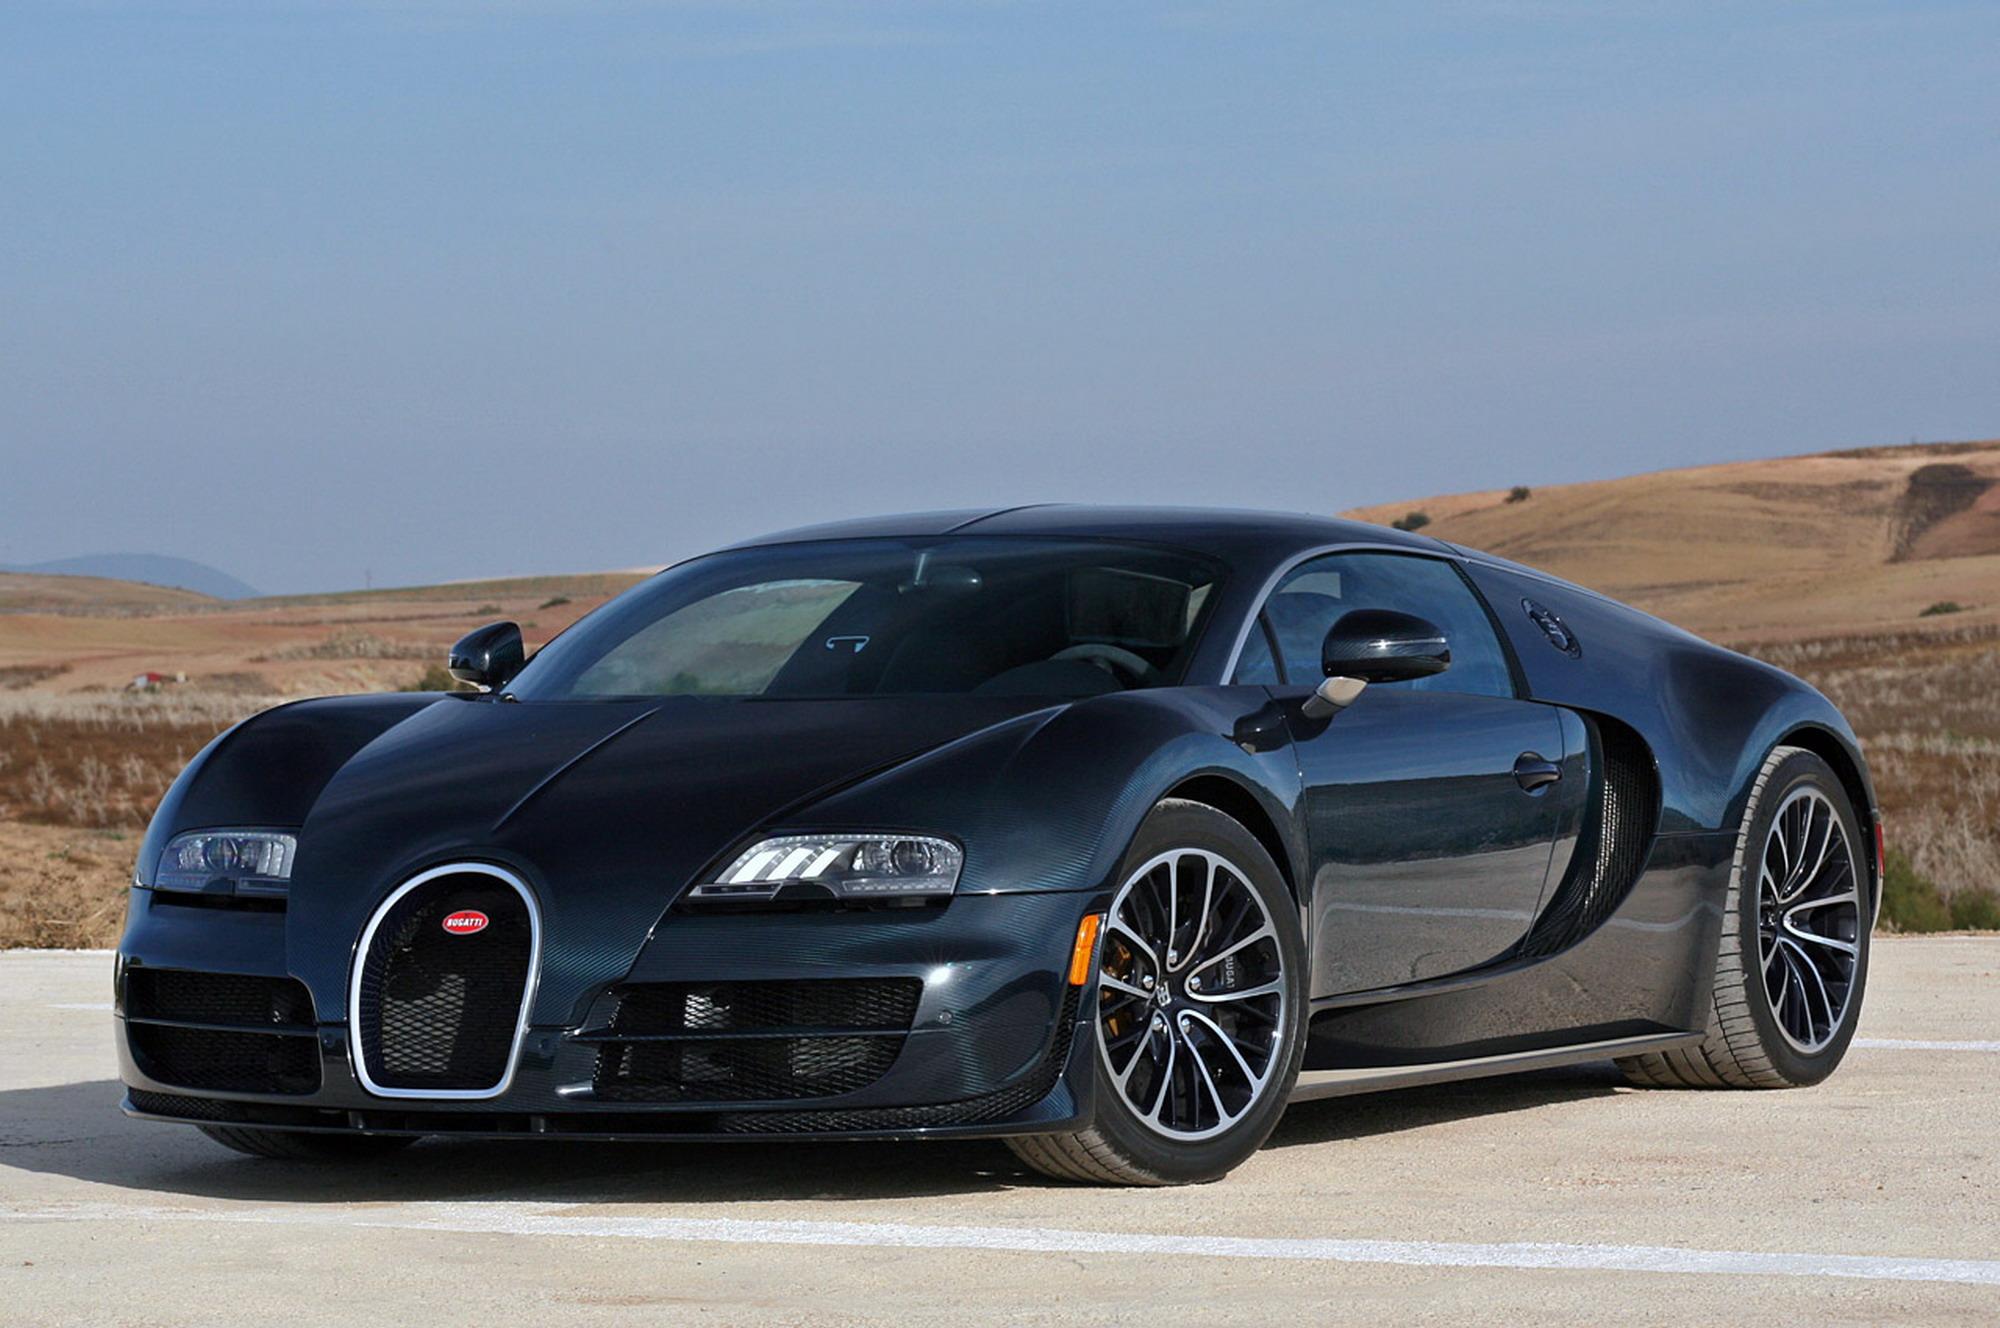 Image Result For Mac Wallpaper Bugatti Mobile